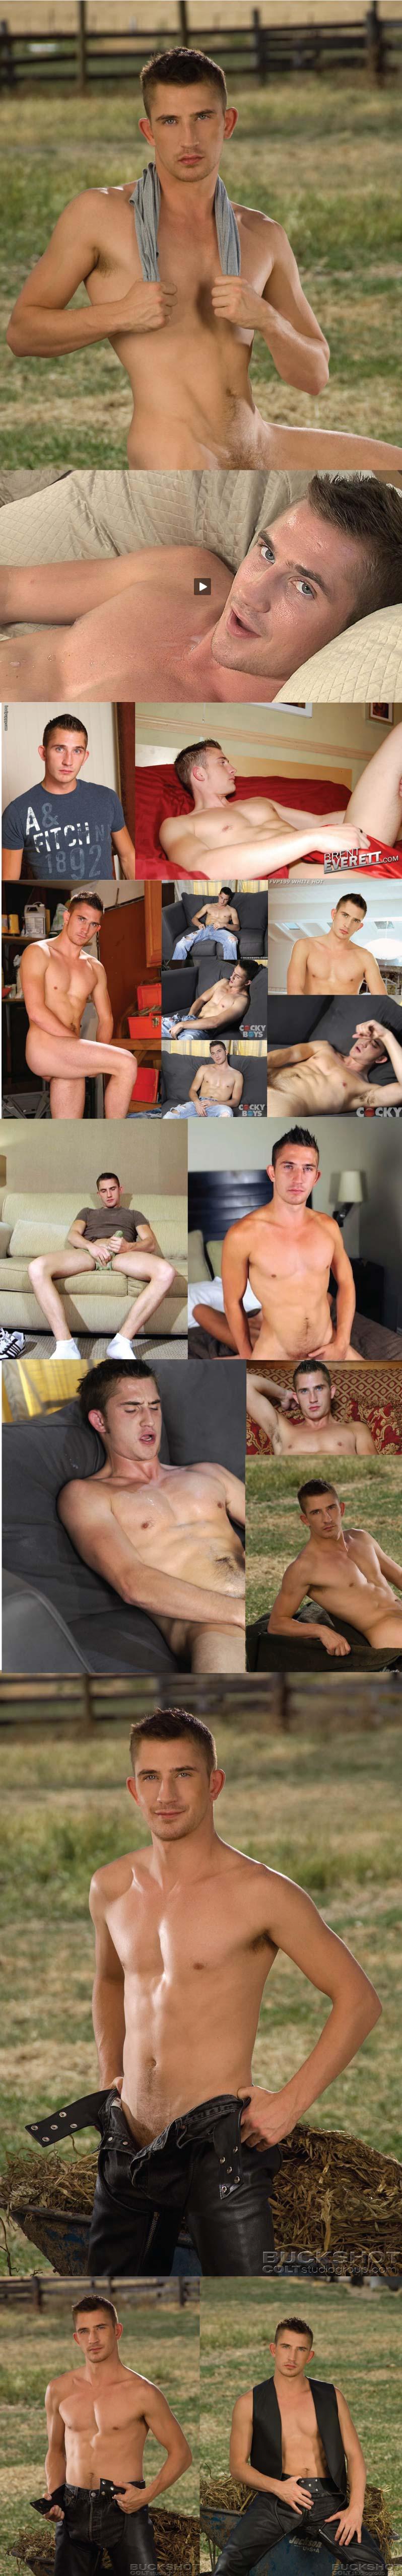 Actor Porno Connor Co fluffer: porn actor dayton o'connor | the man crush blog